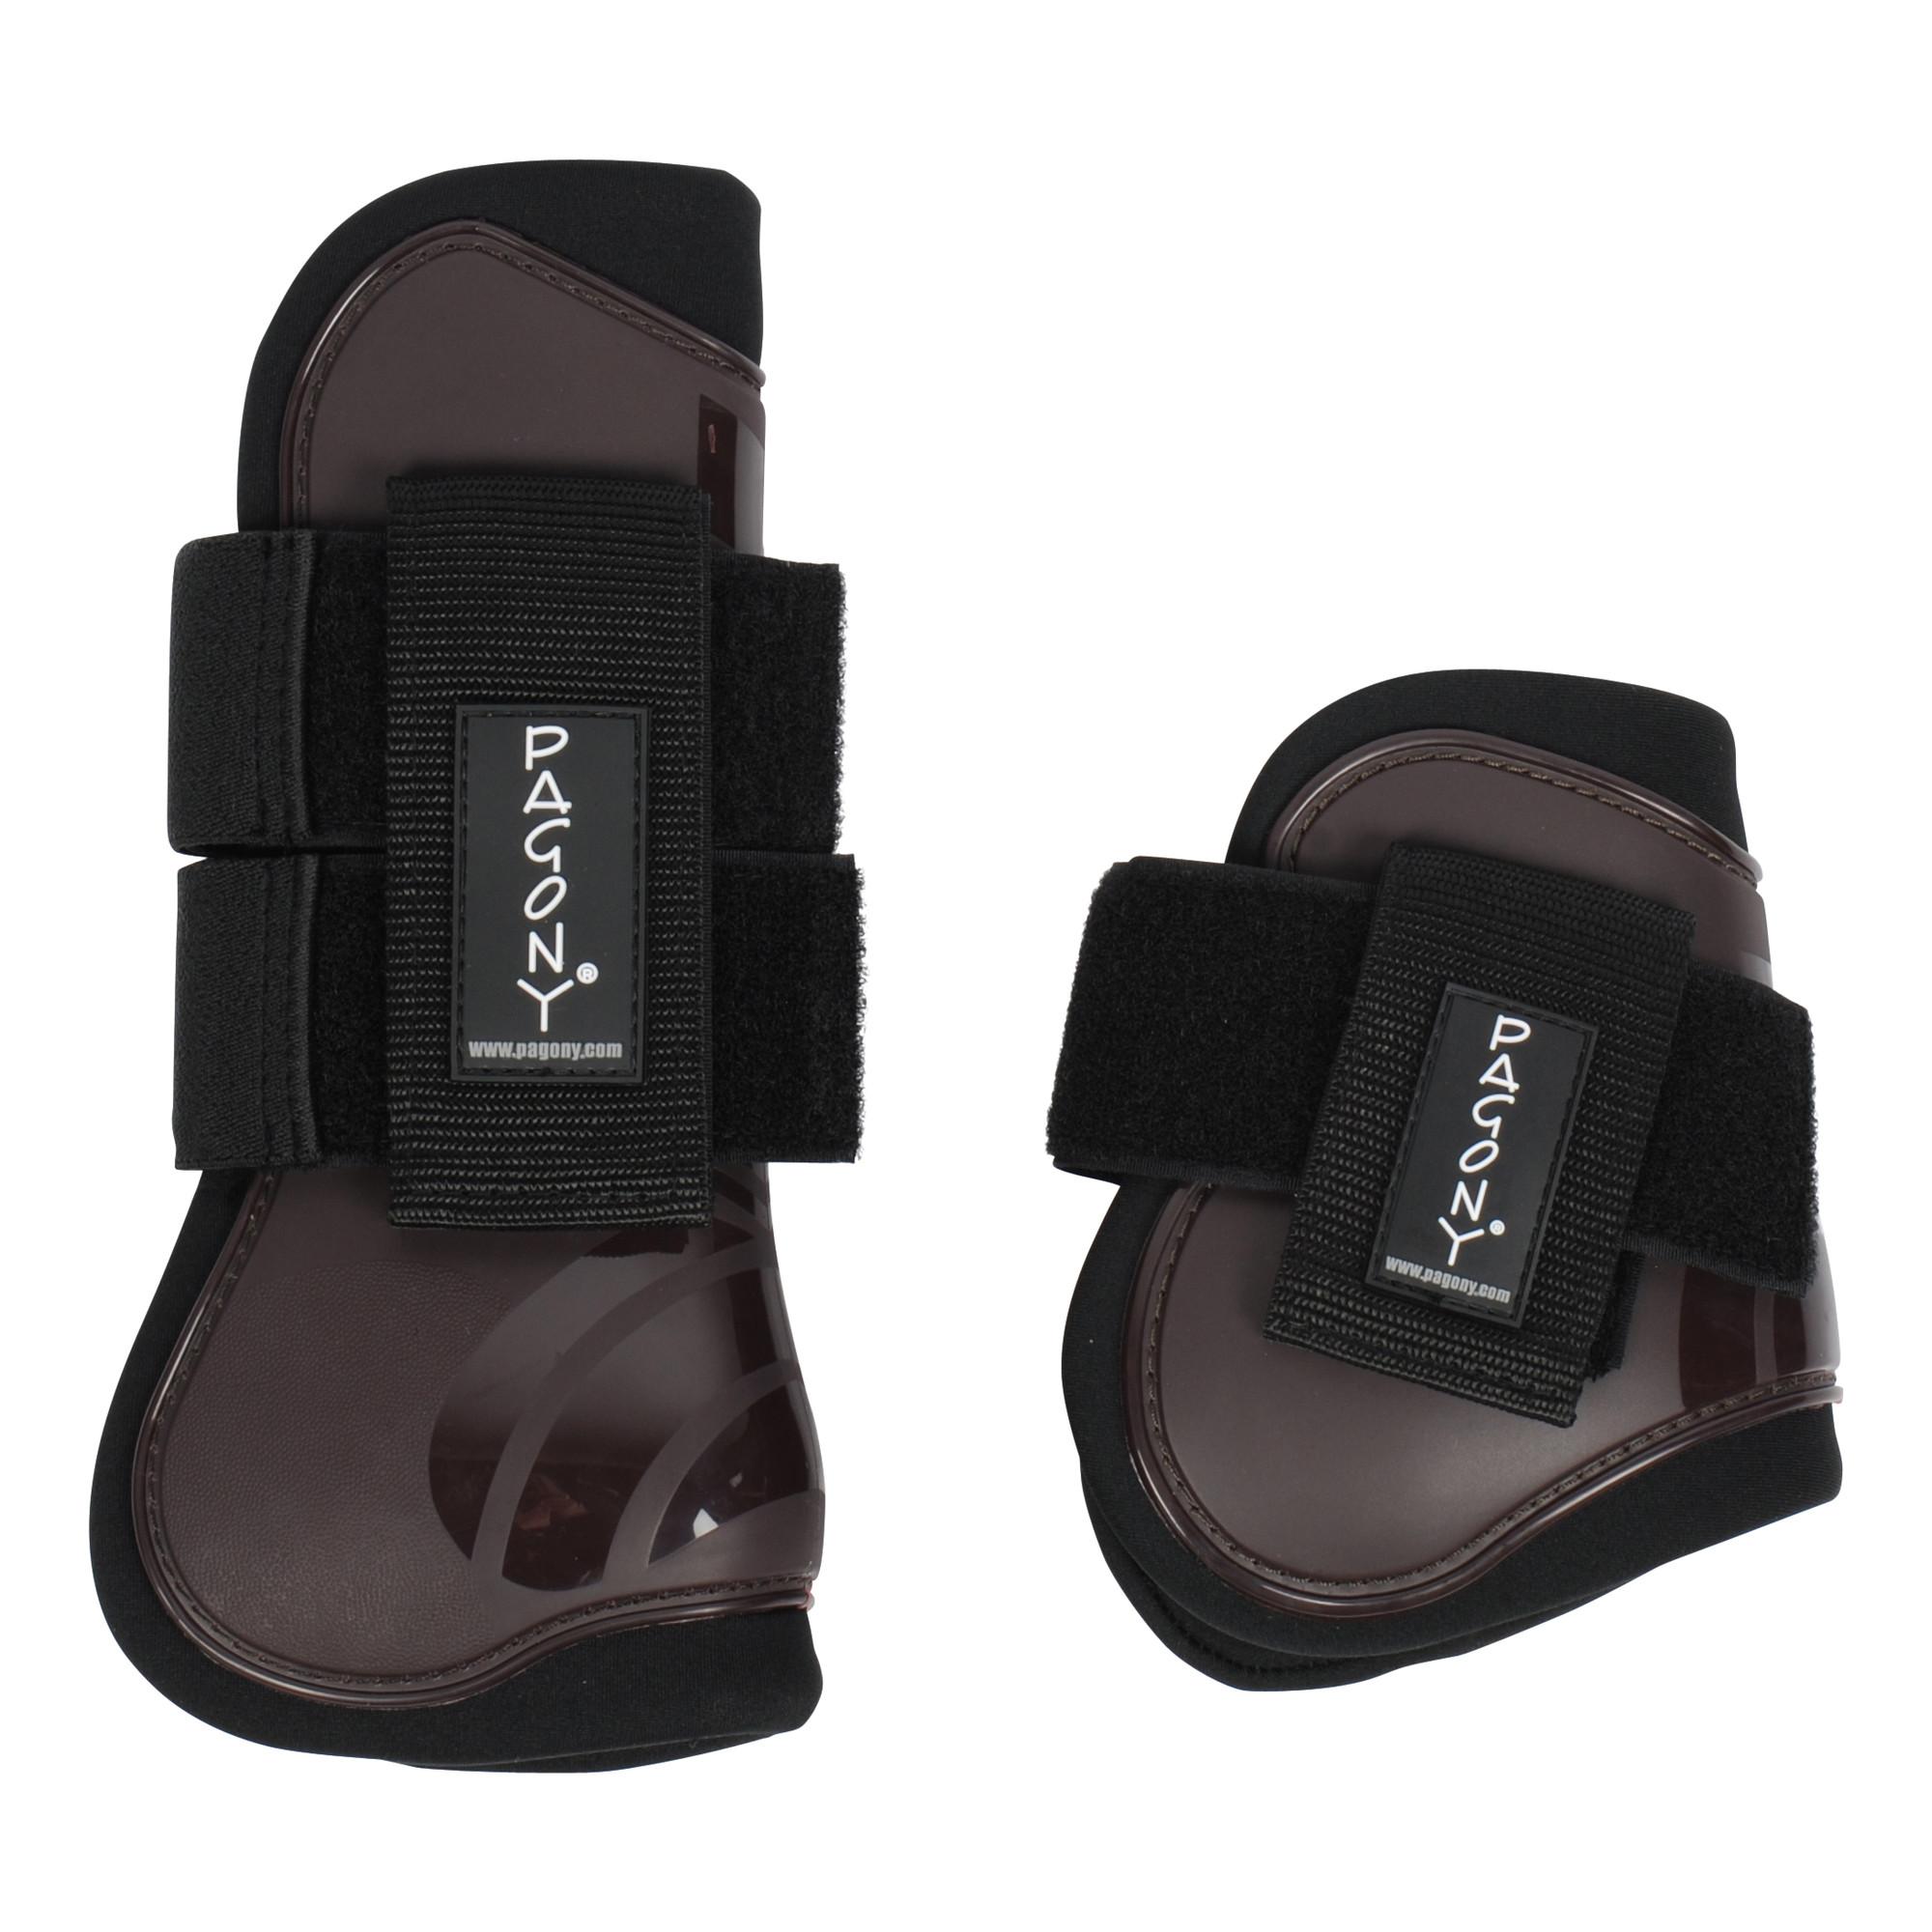 Pagony Pro Velcro Pees- en kogelbeschermerset bruin maat:full - Beenbescherming